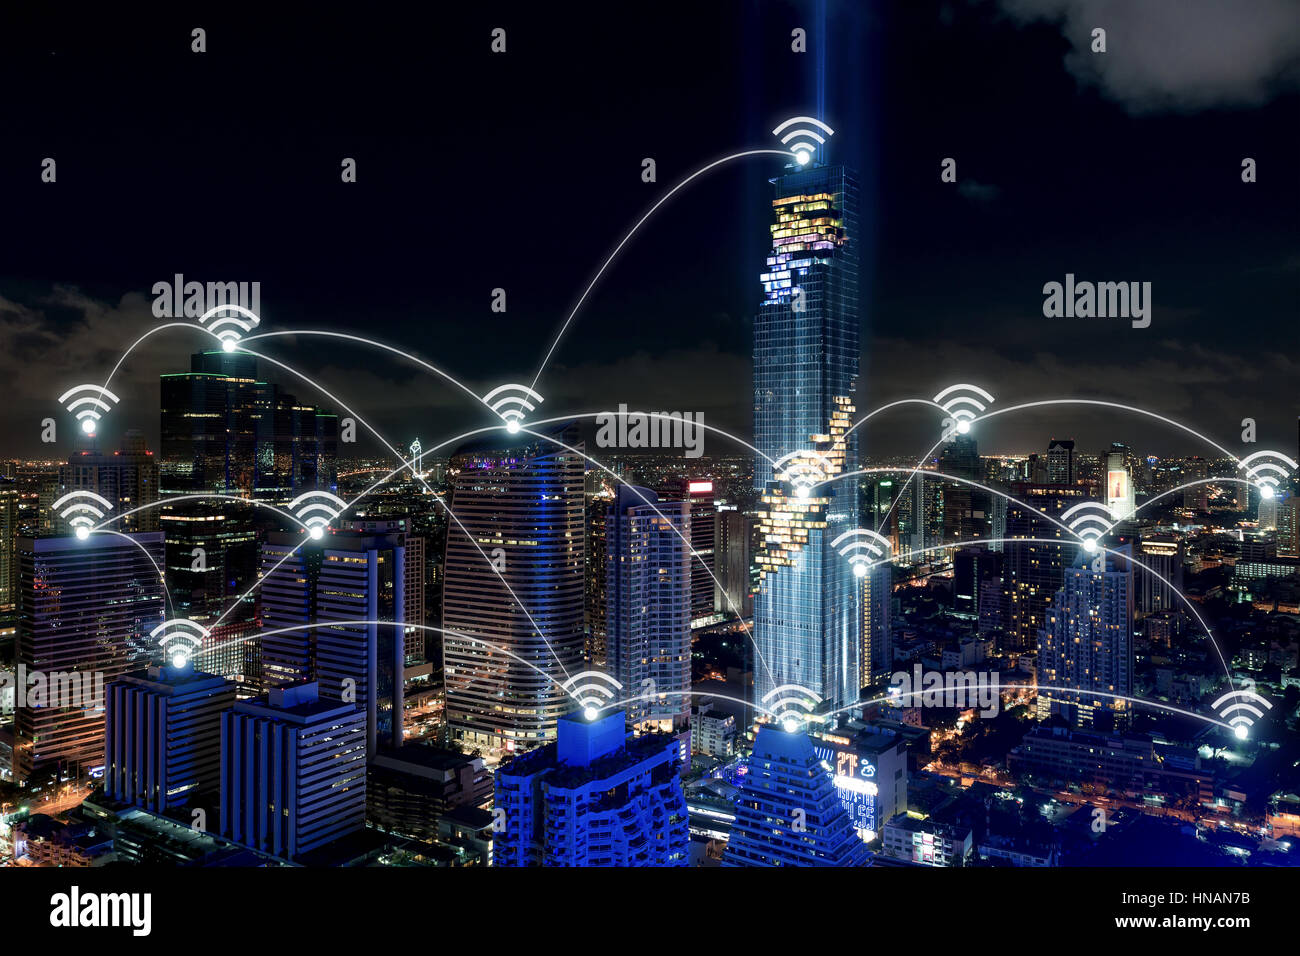 Des ville et réseau de communication sans fil, du quartier des affaires avec office building, résumé Photo Stock